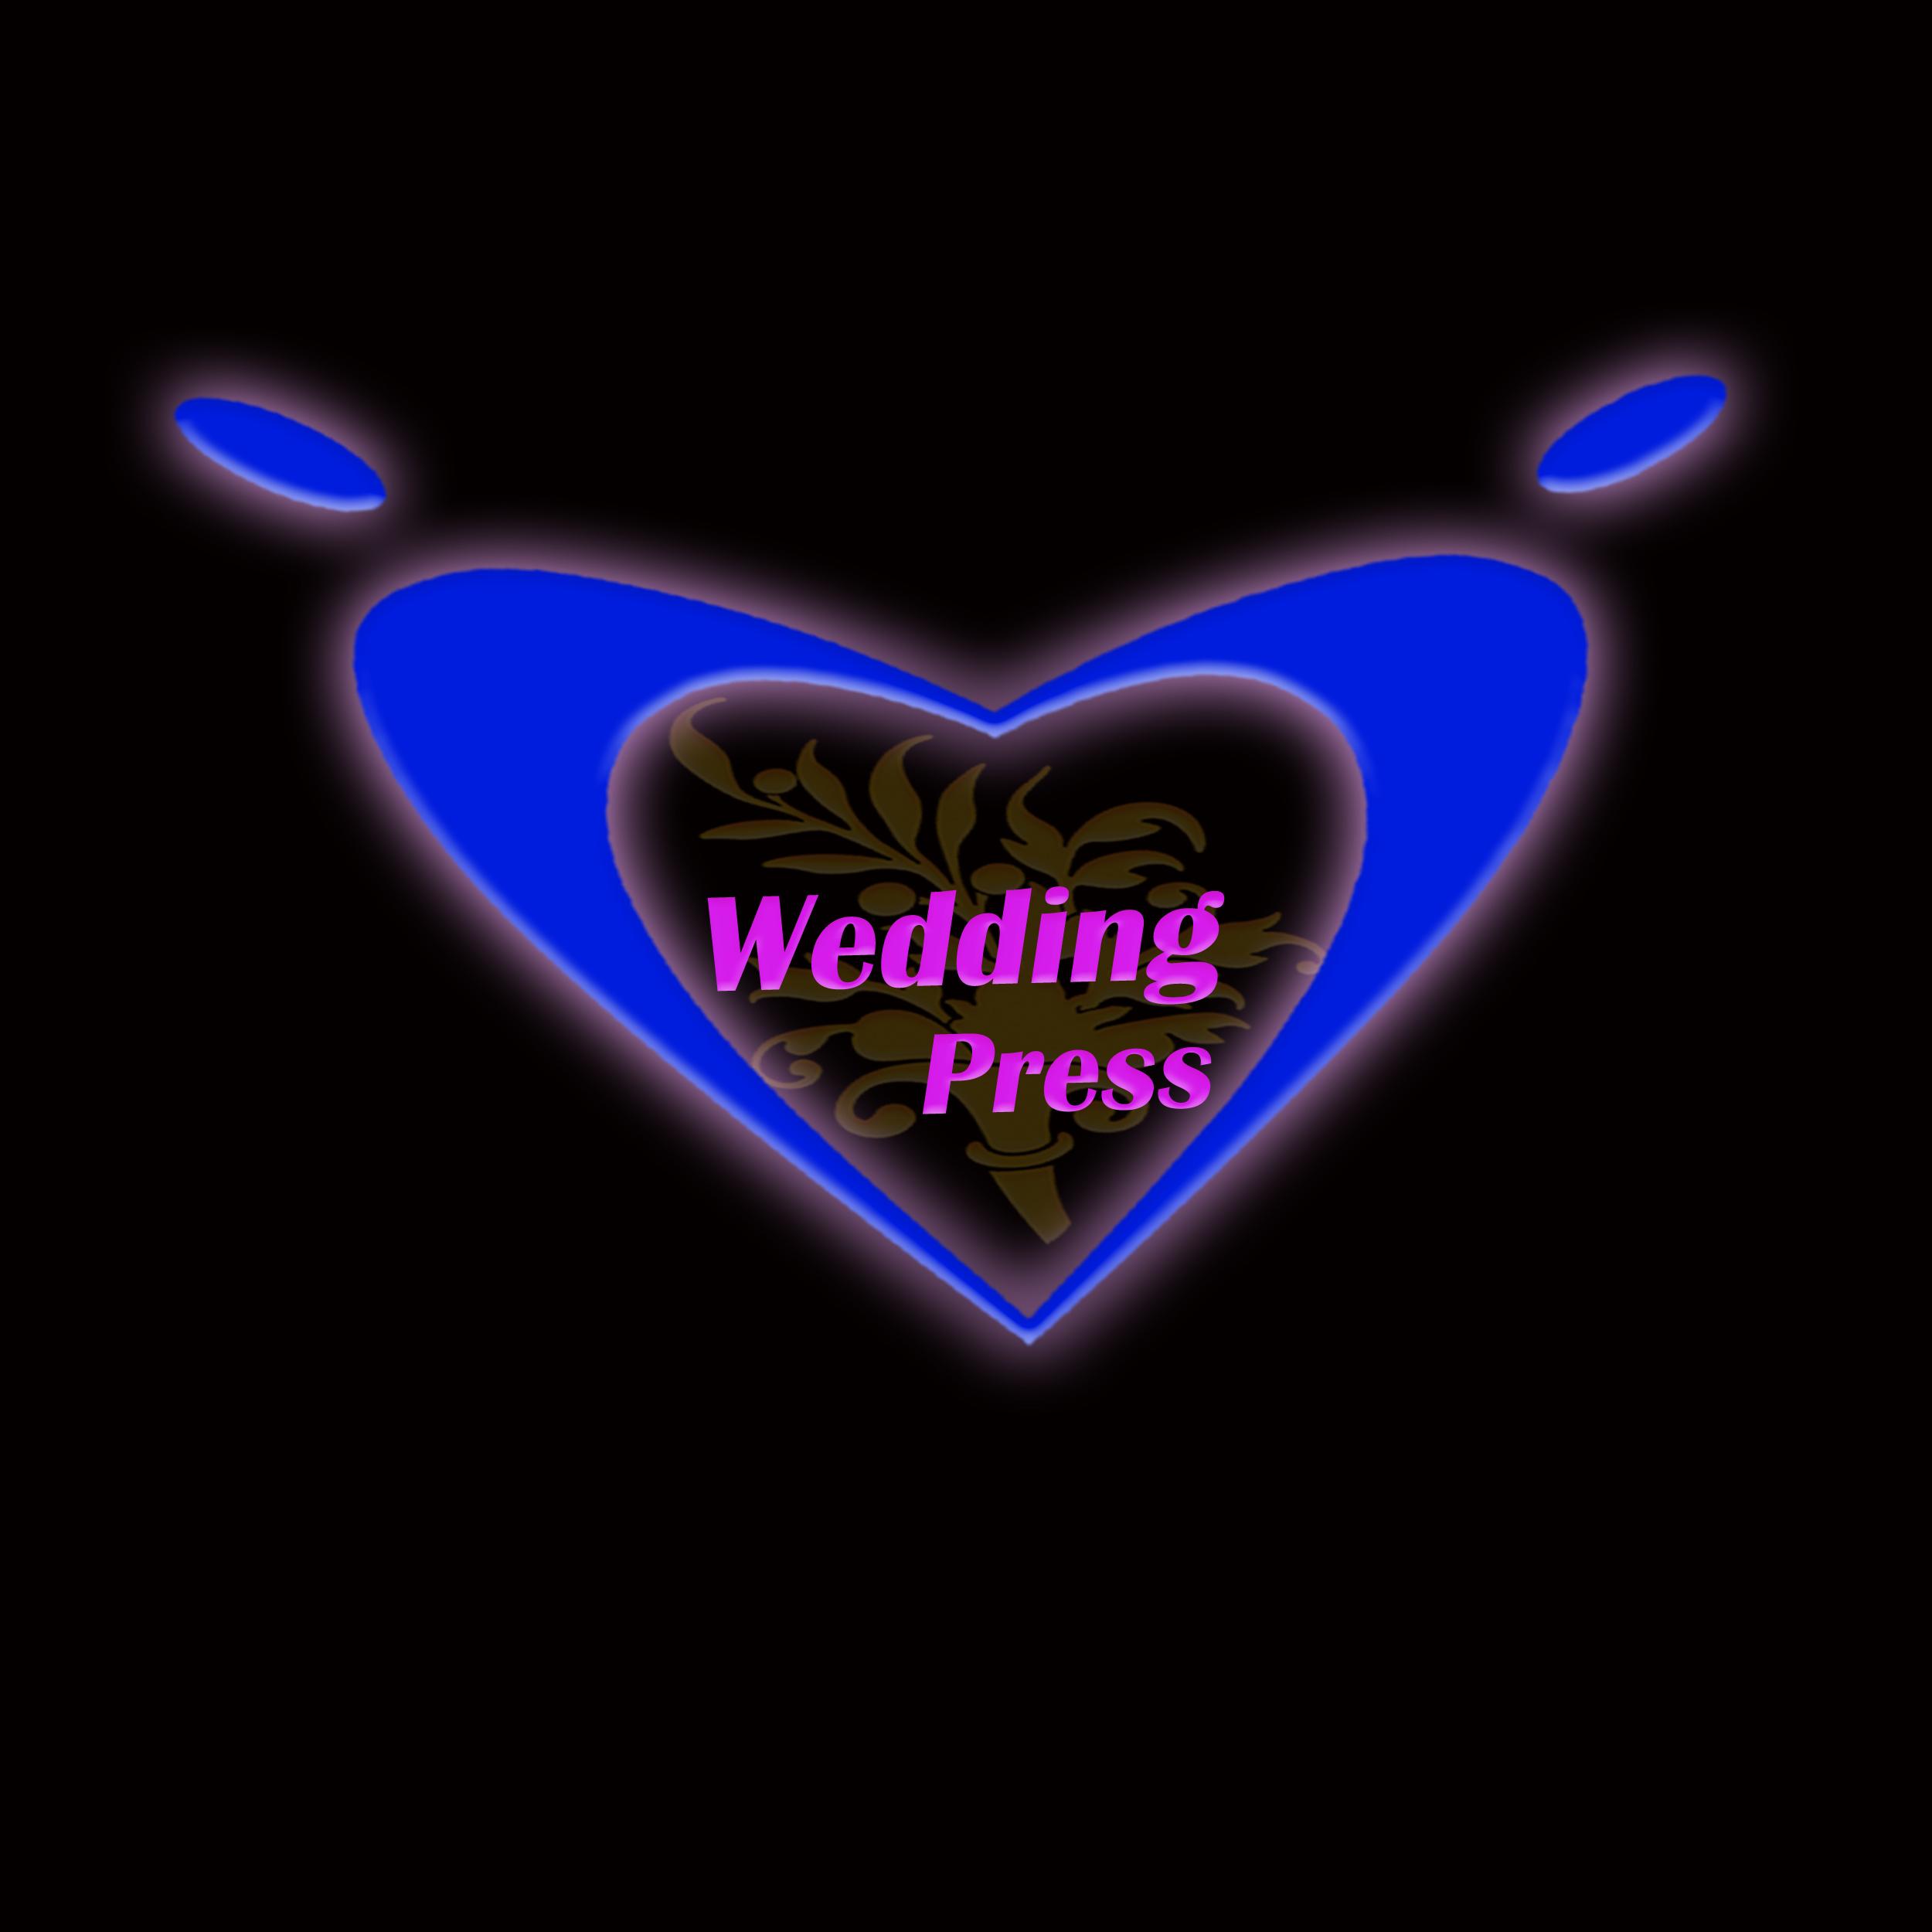 Logo Design by Roberto Sibbaluca - Entry No. 27 in the Logo Design Contest Wedding Writes Logo Design.